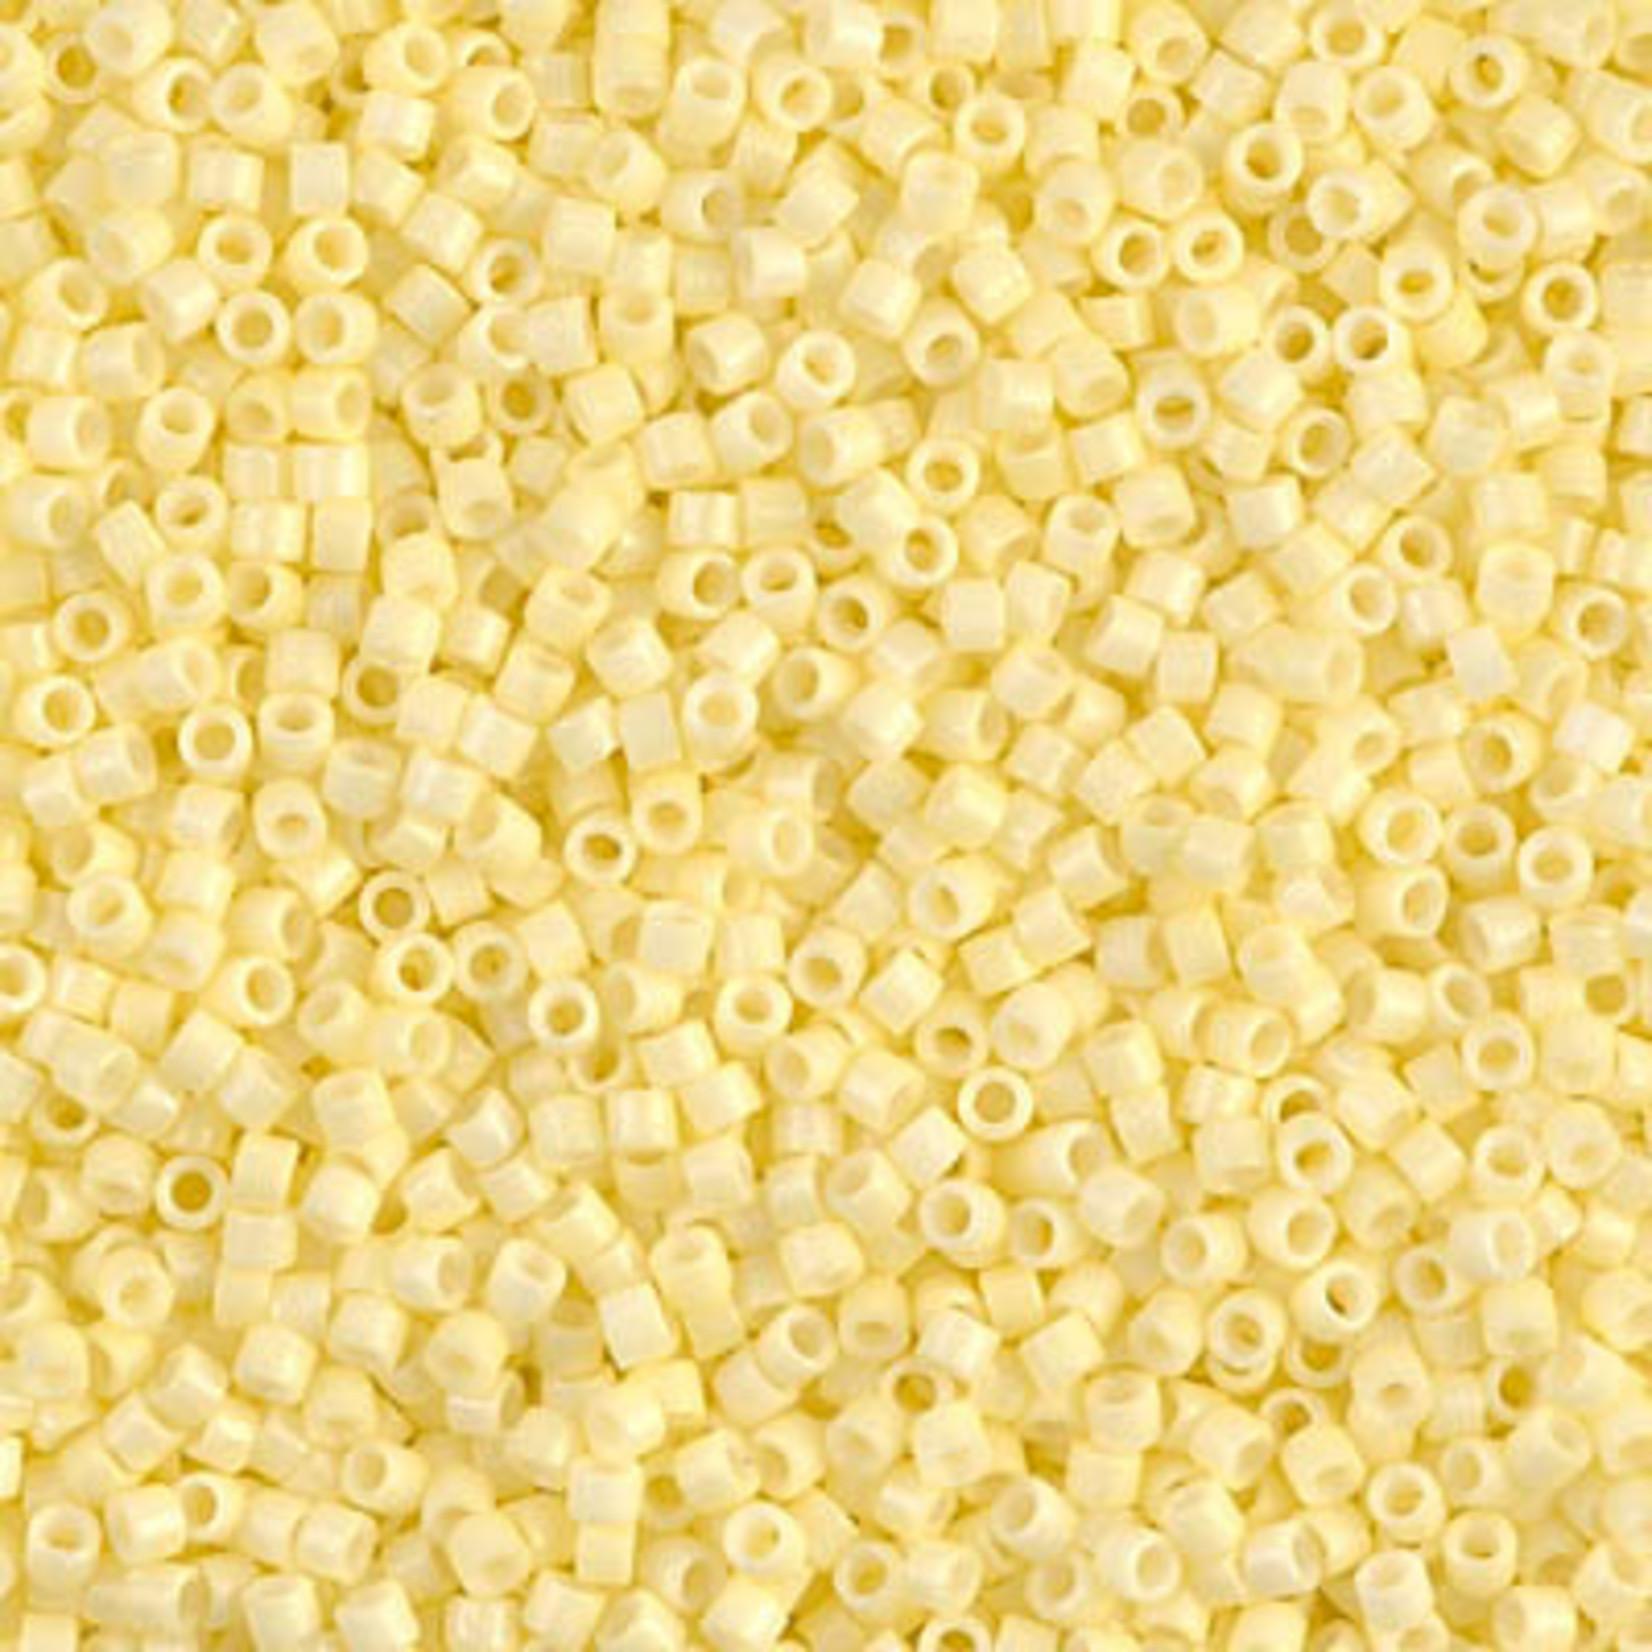 Miyuki 7.2 GM DB2101 11/0 Delica: Lemon Silk DC/O(D) (APX 1400 PCS)